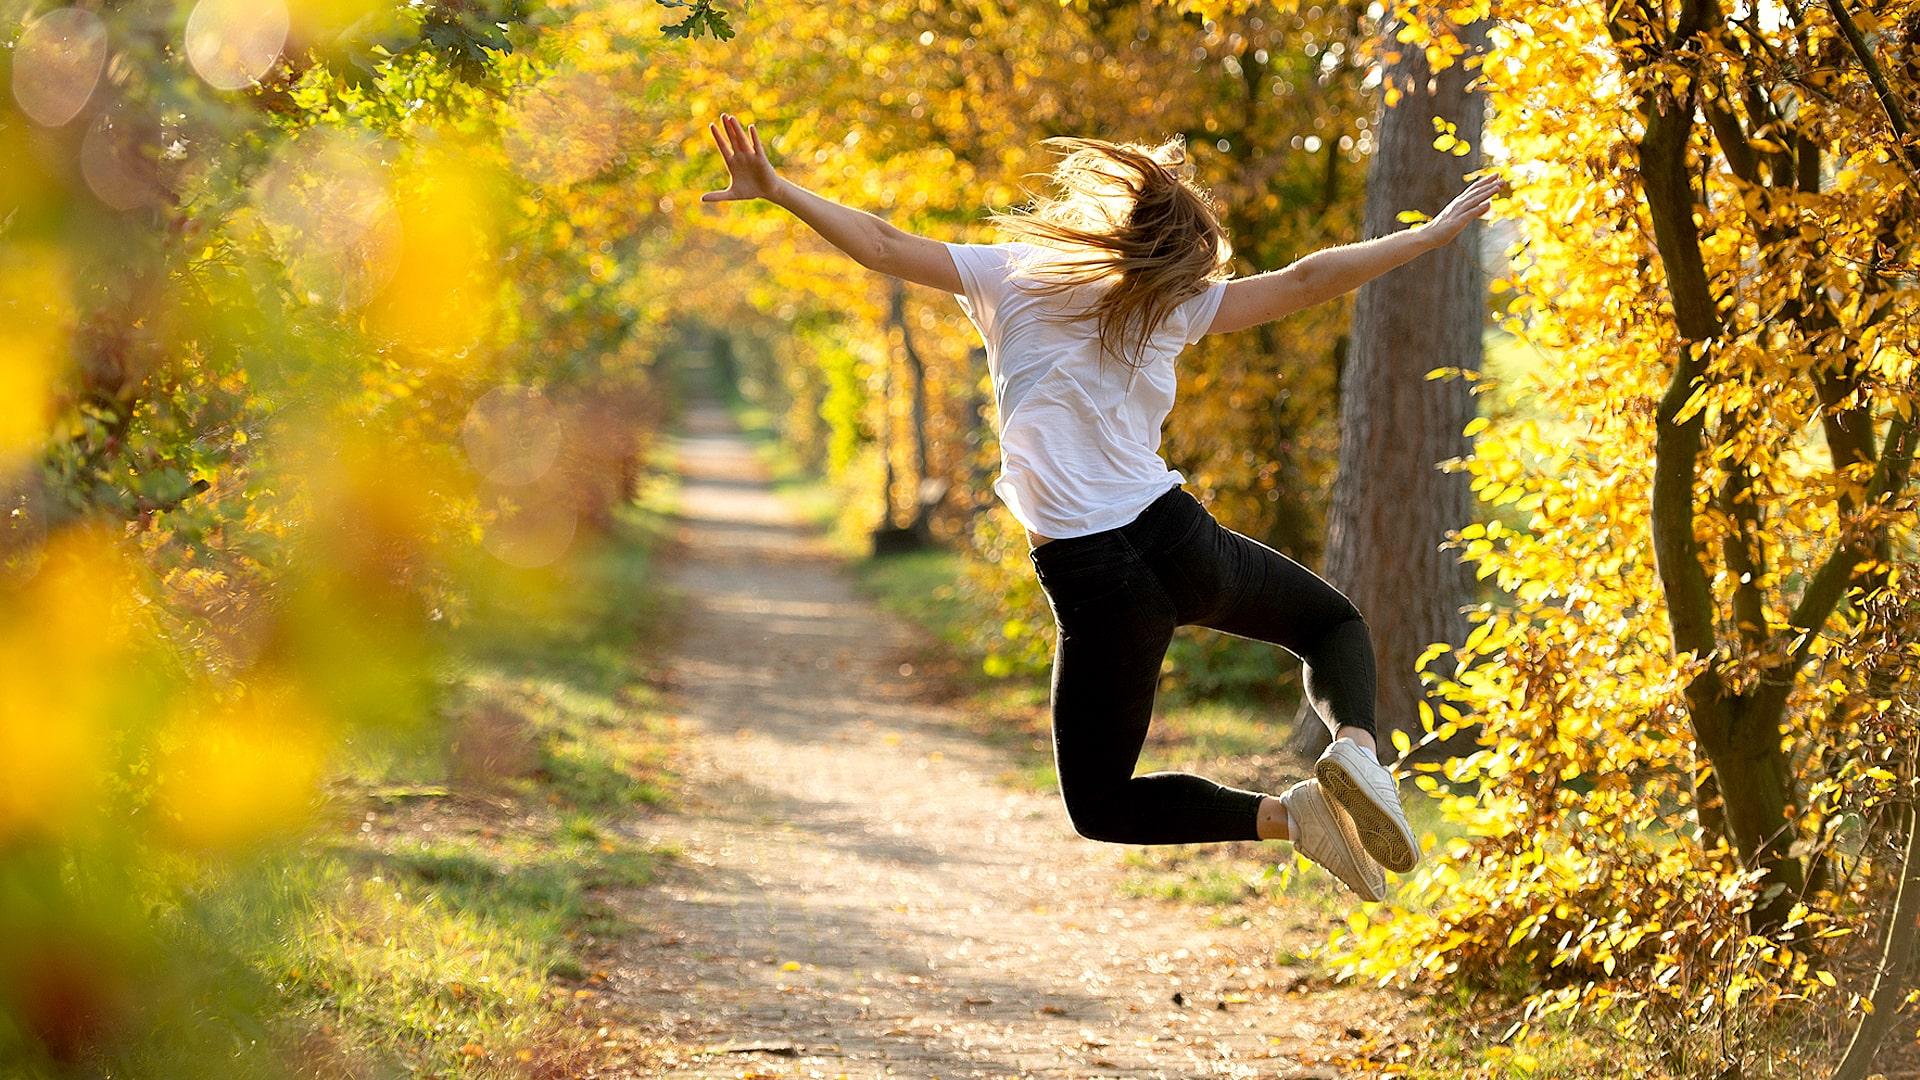 snapshotz_autumn.jpg